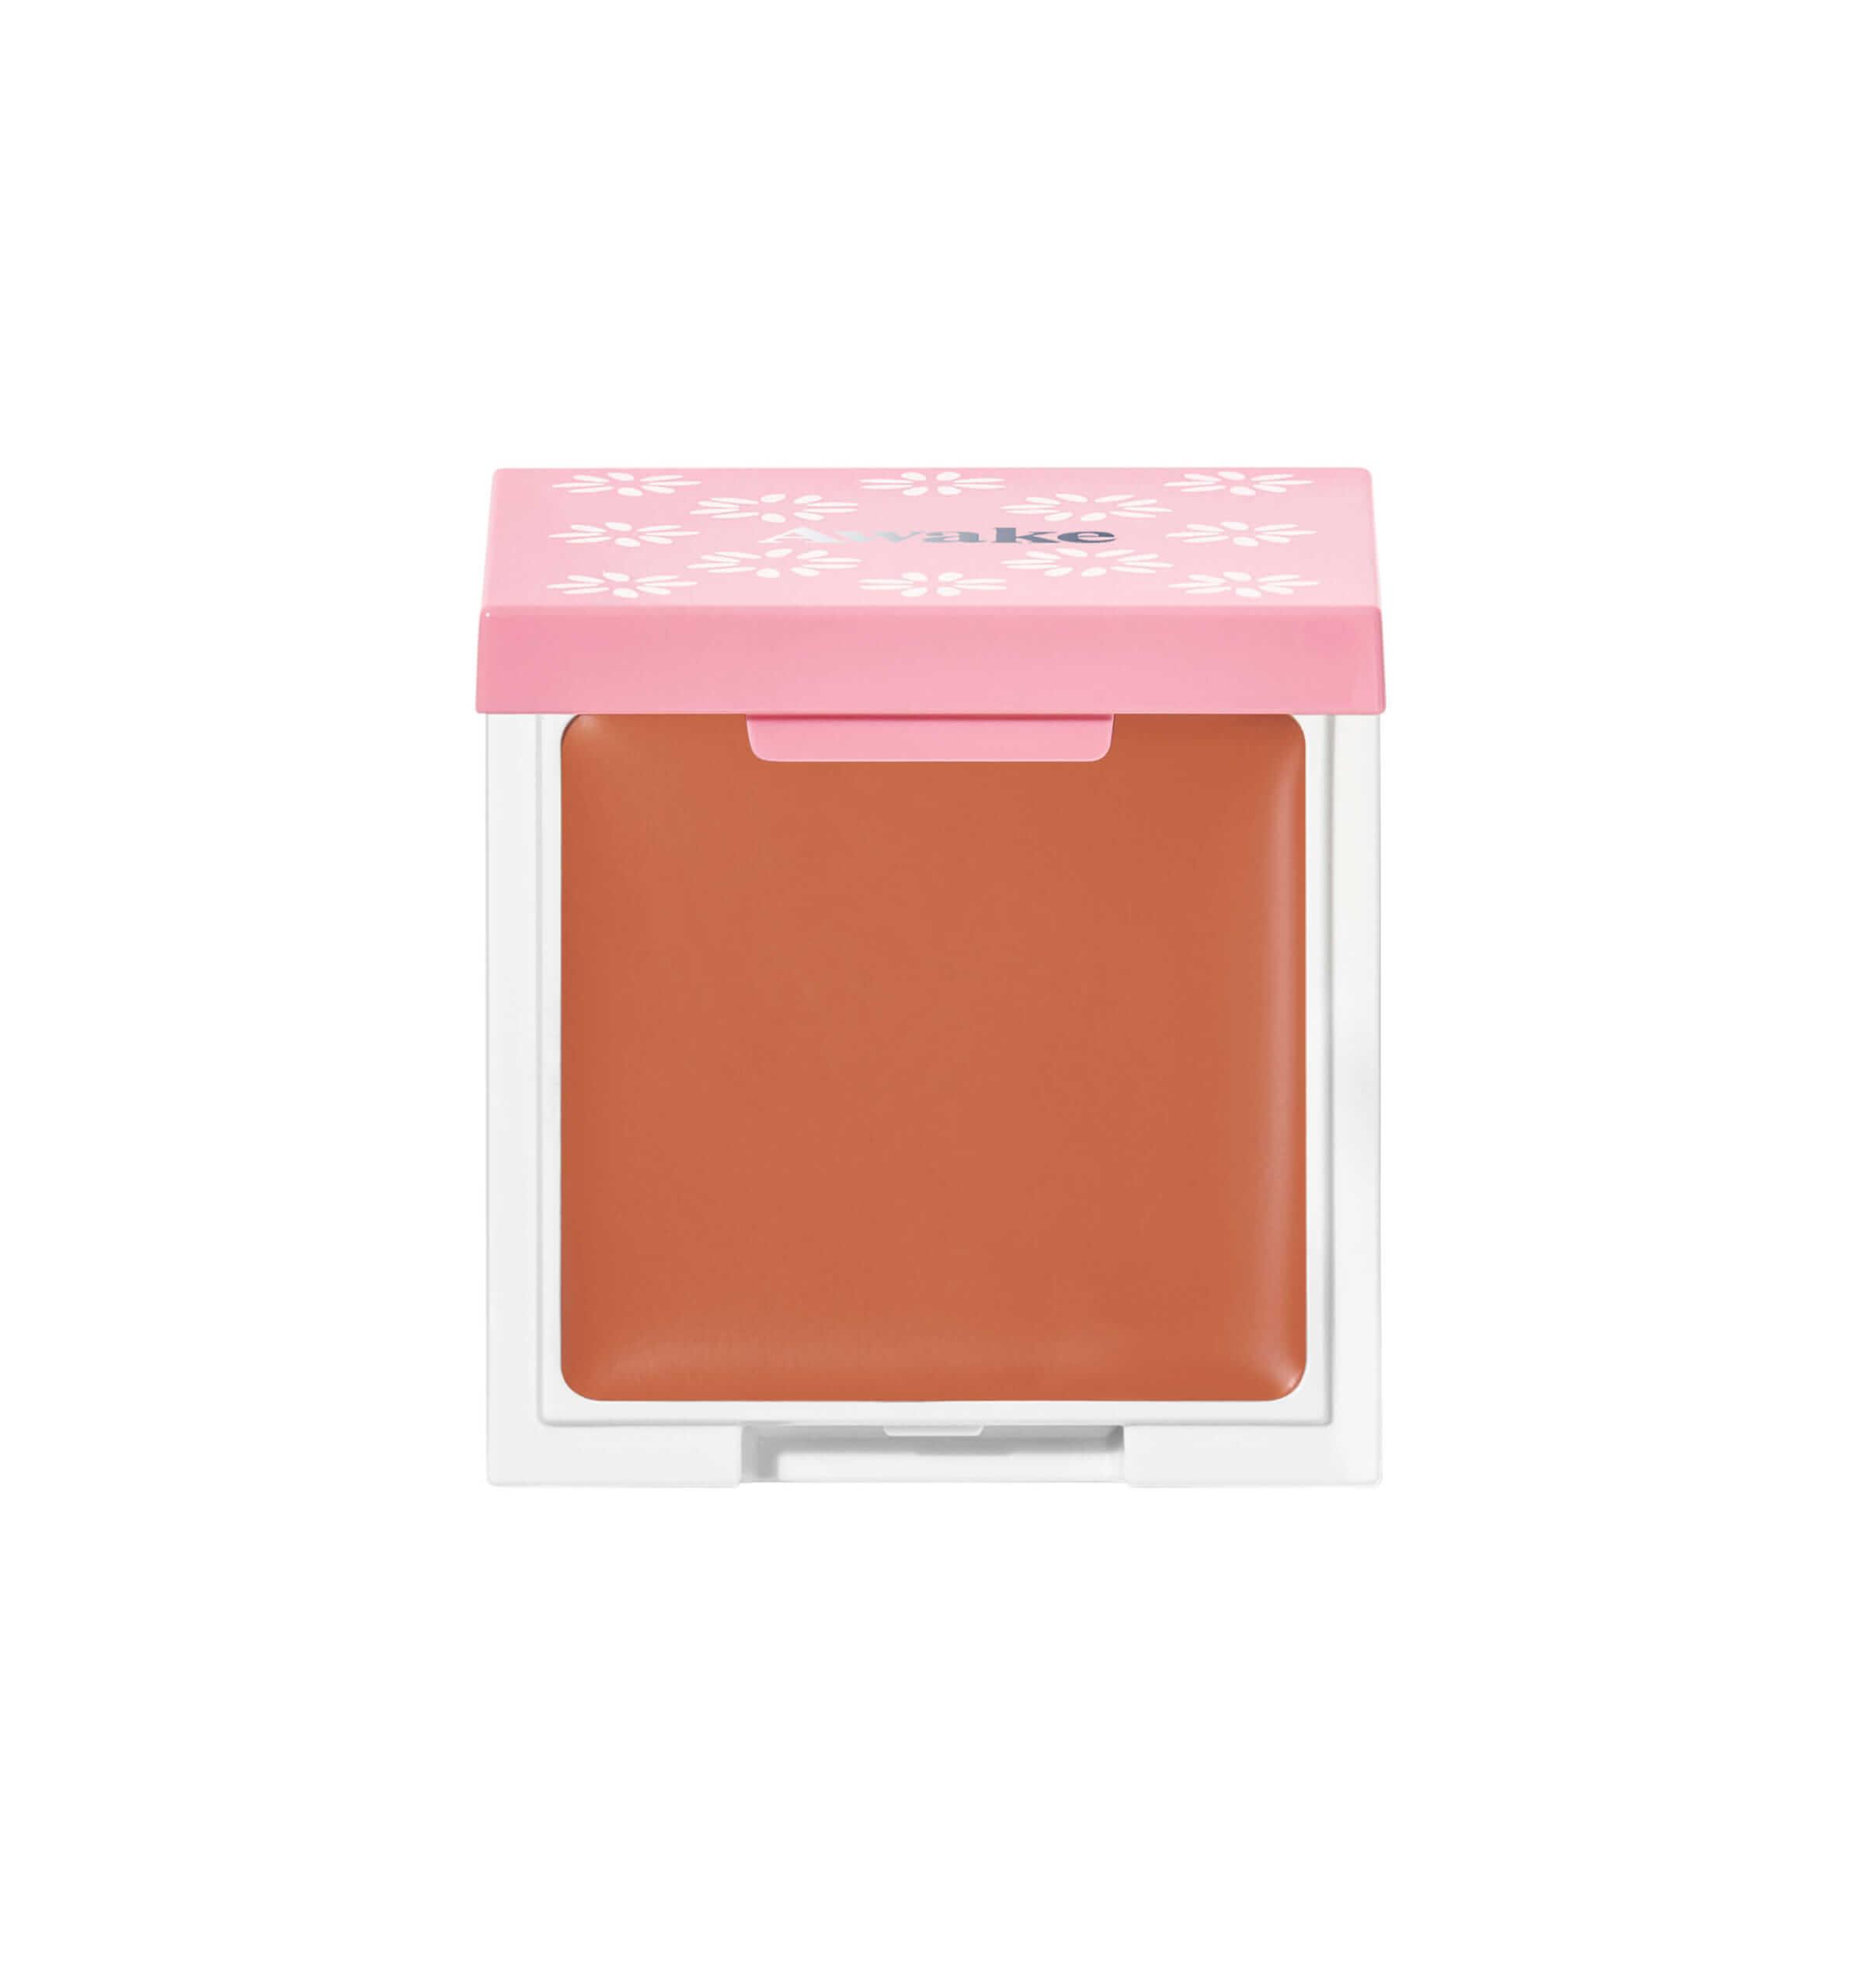 チアミーアップ グロウウイング ブラッシュ&リップ 3g 03 amber orange/¥3,080(税込み)